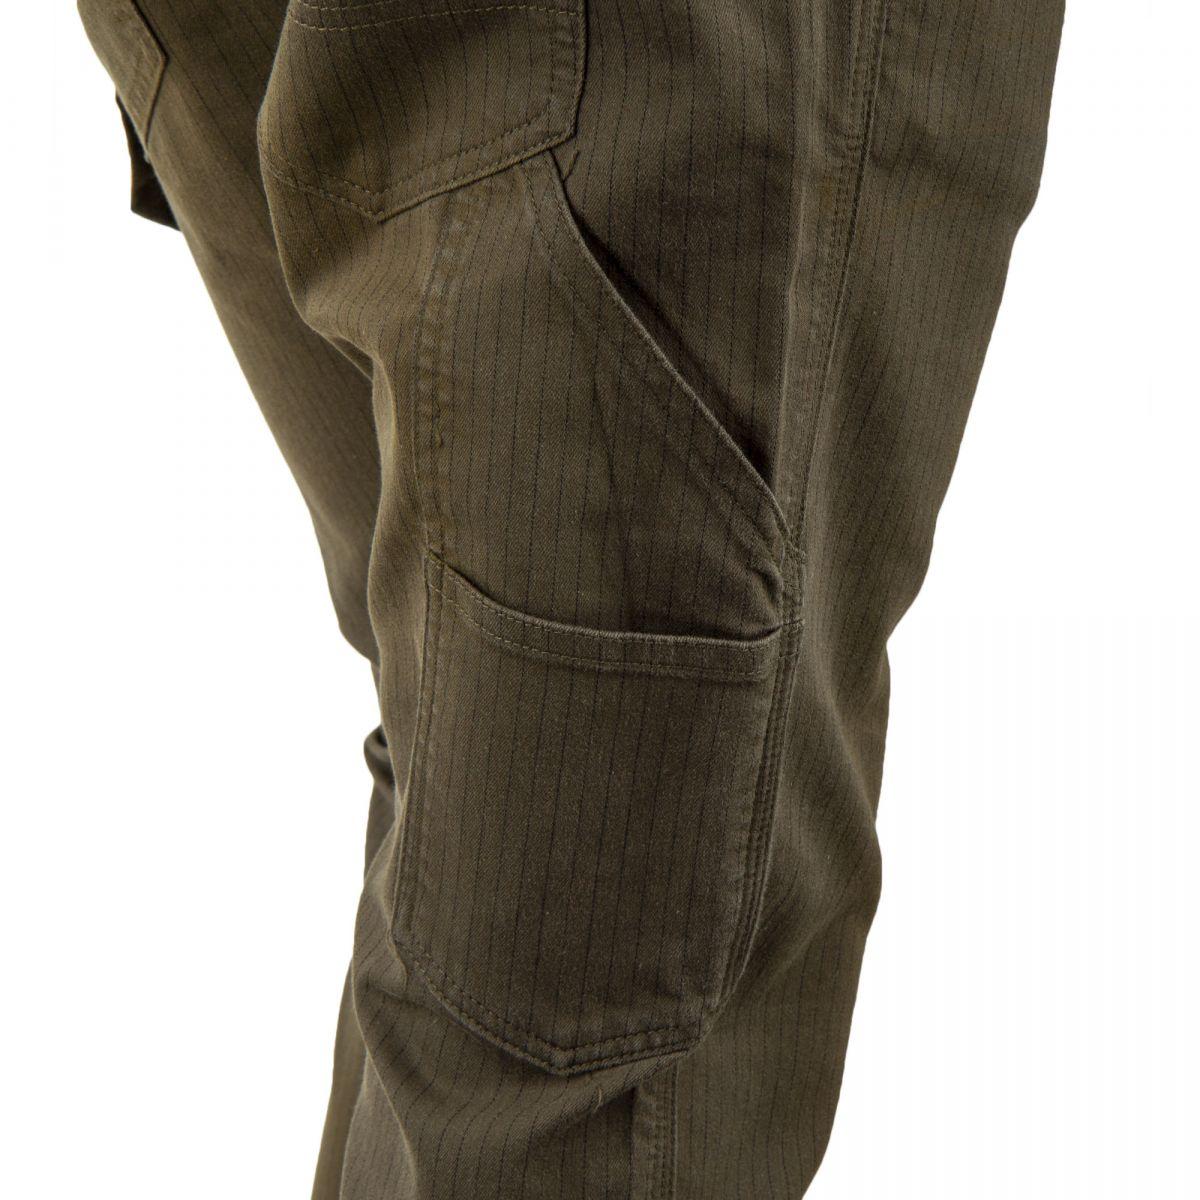 f00bbdb9889 ... Pantalon cargo kaki à rayures homme DEEPEND marque pas cher prix  dégriffés destockage ...